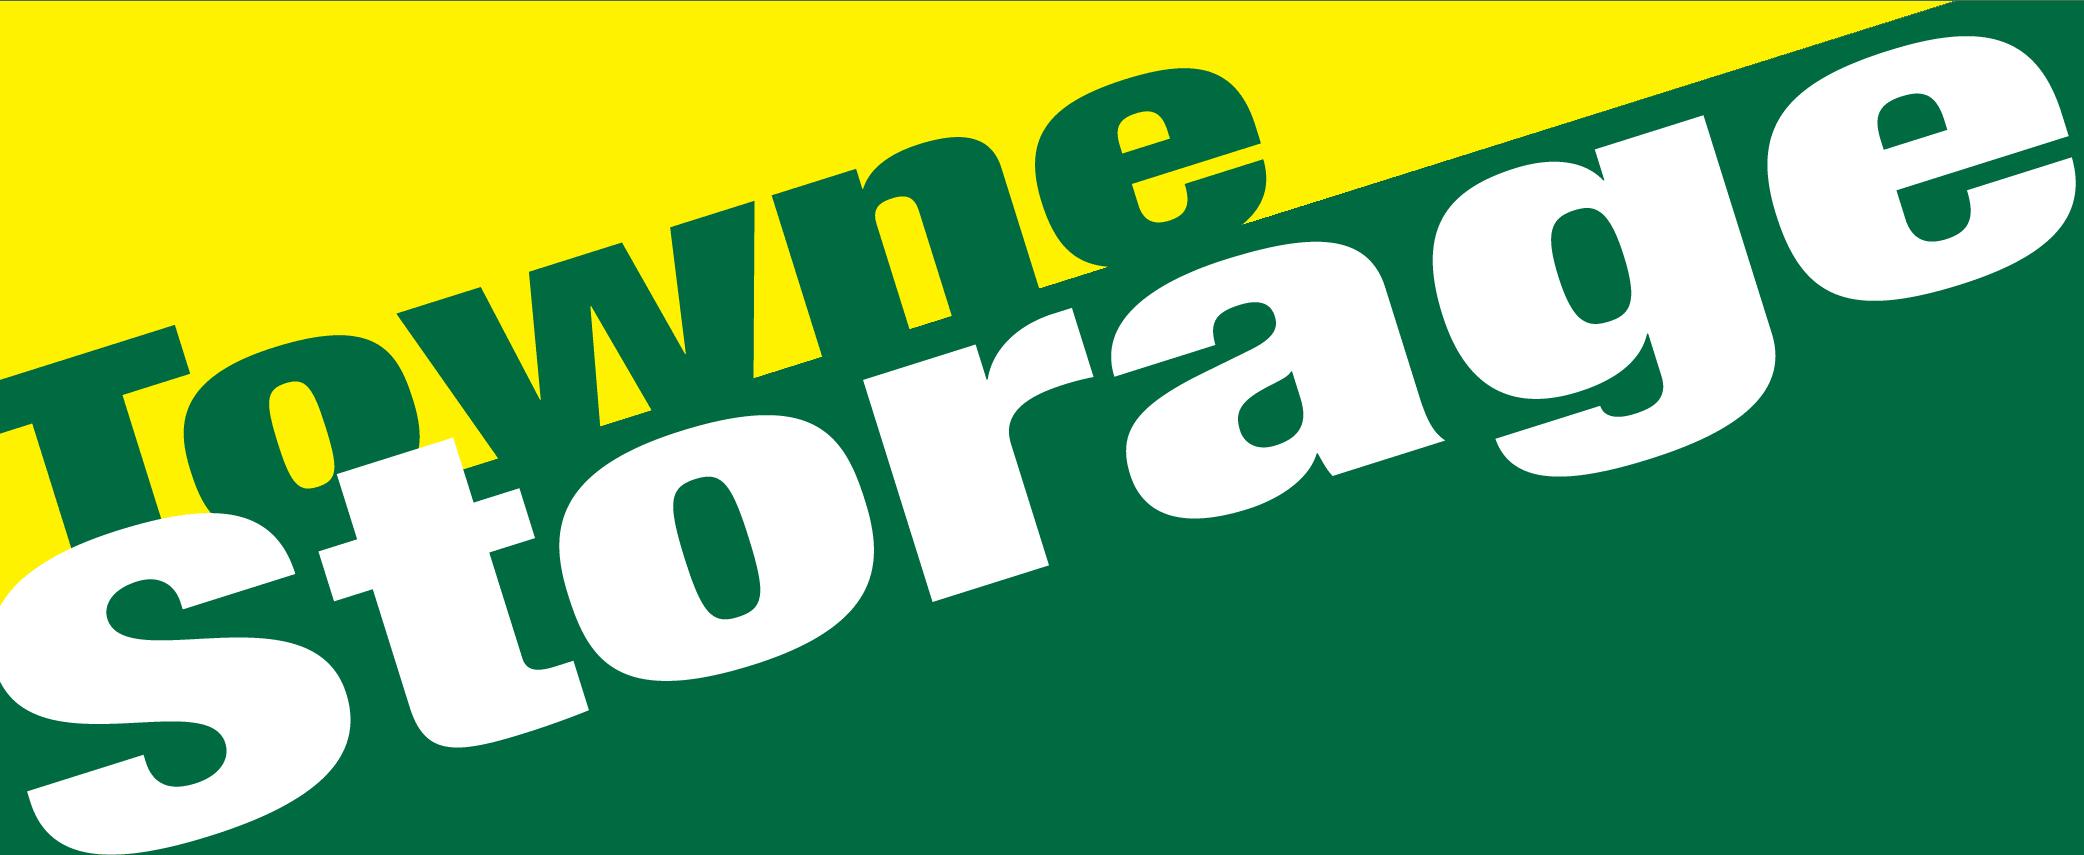 Towne Storage - Rainbow logo